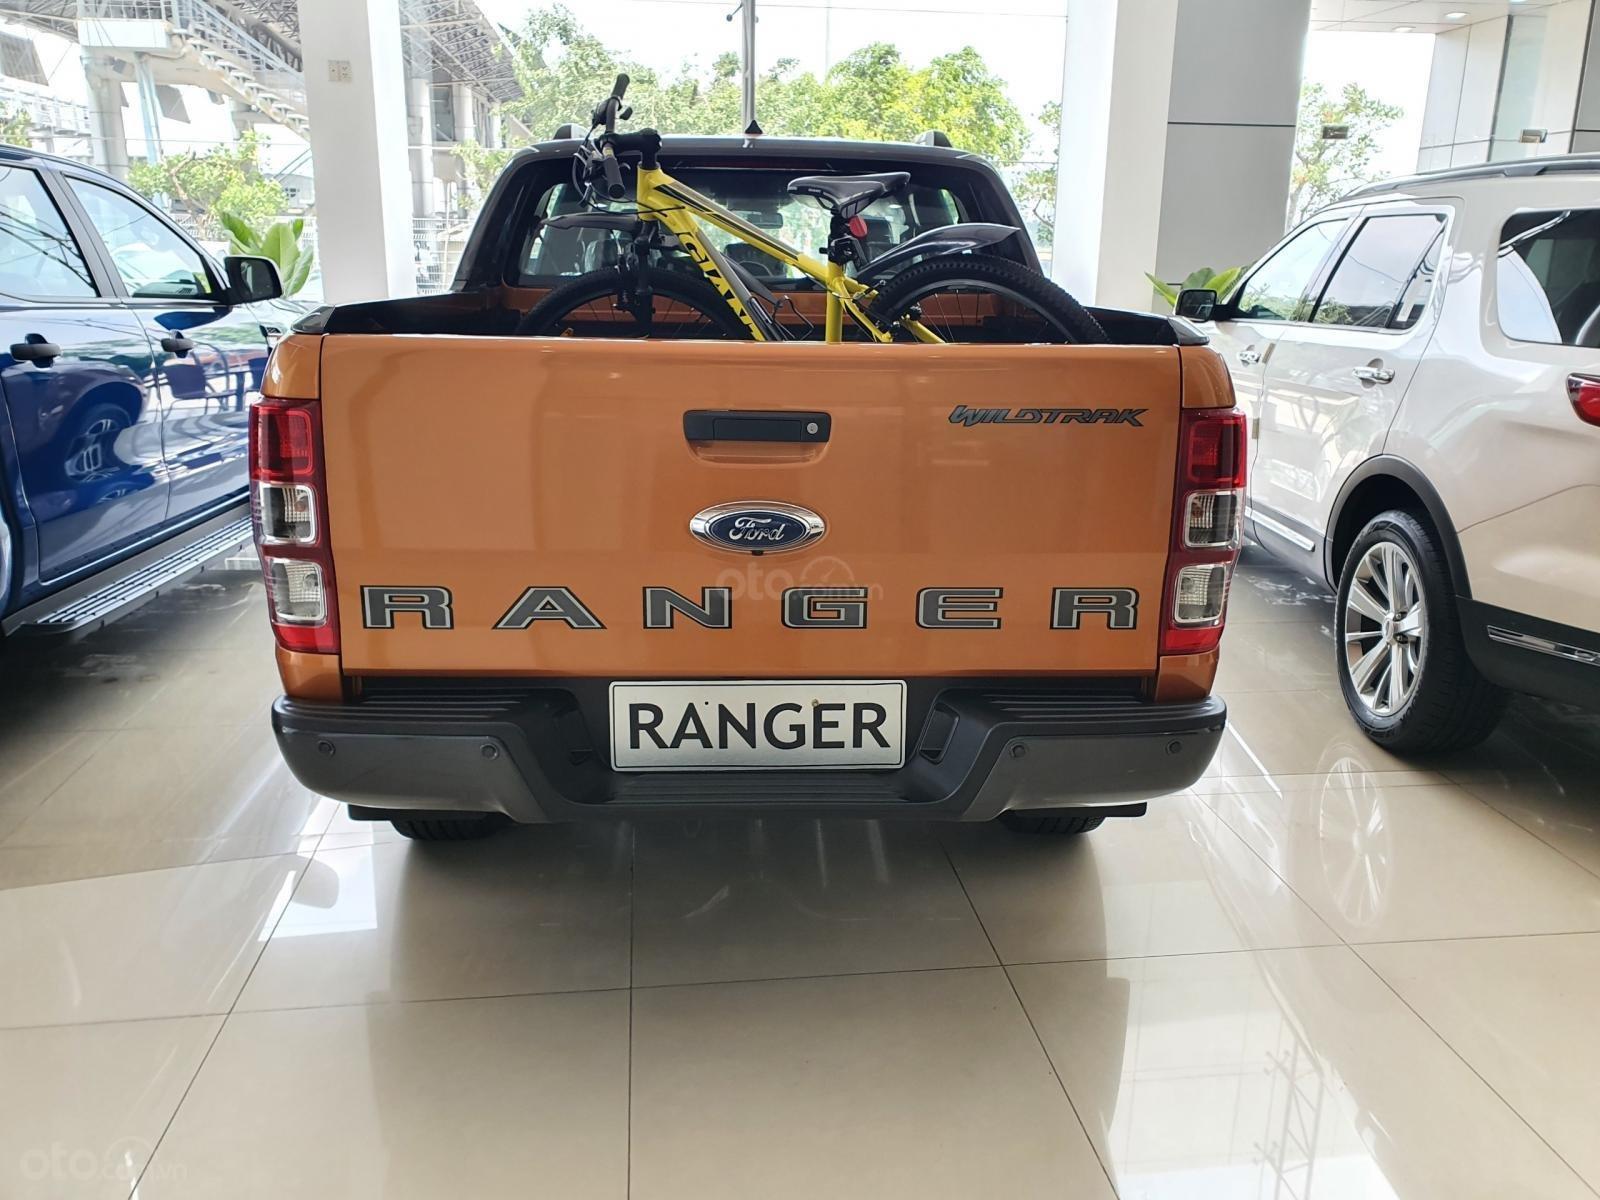 [TP. HCM] Ranger Wildtrak 4x4 2020, trả trước 210tr nhận xe ngay, ưu đãi cực khủng kèm nhiều quà tặng hấp dẫn (3)